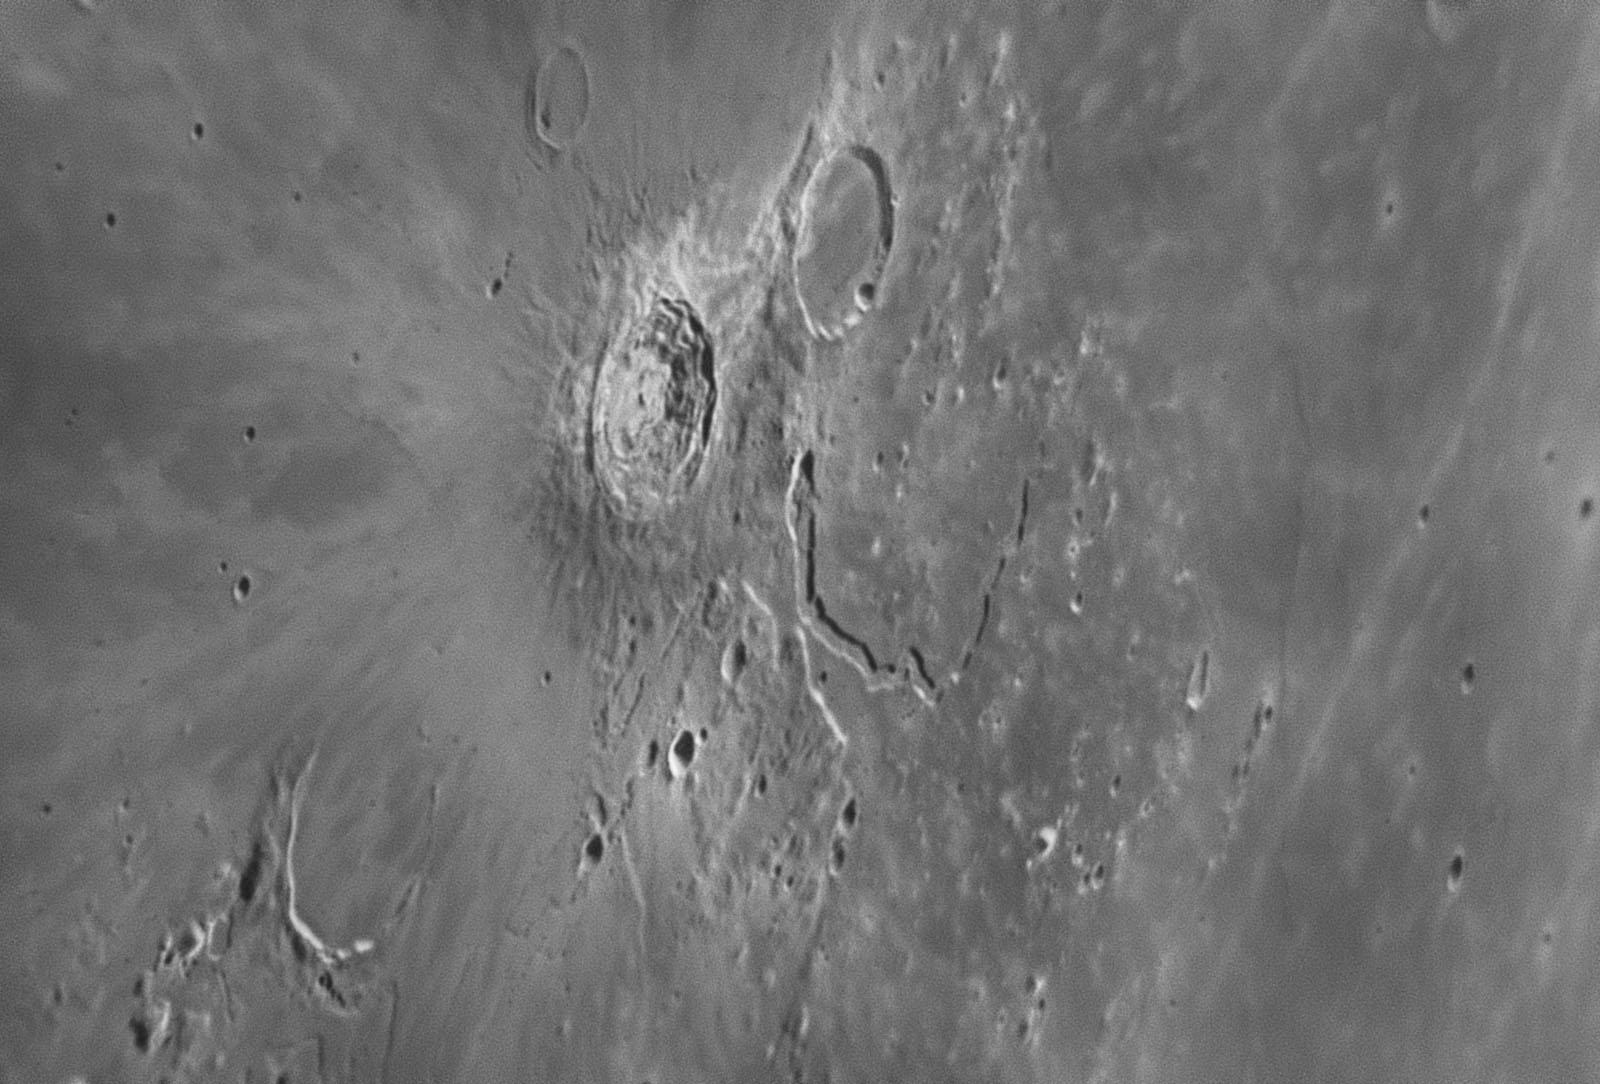 Moon_195205_r_2017_11_12_zwo_asi178